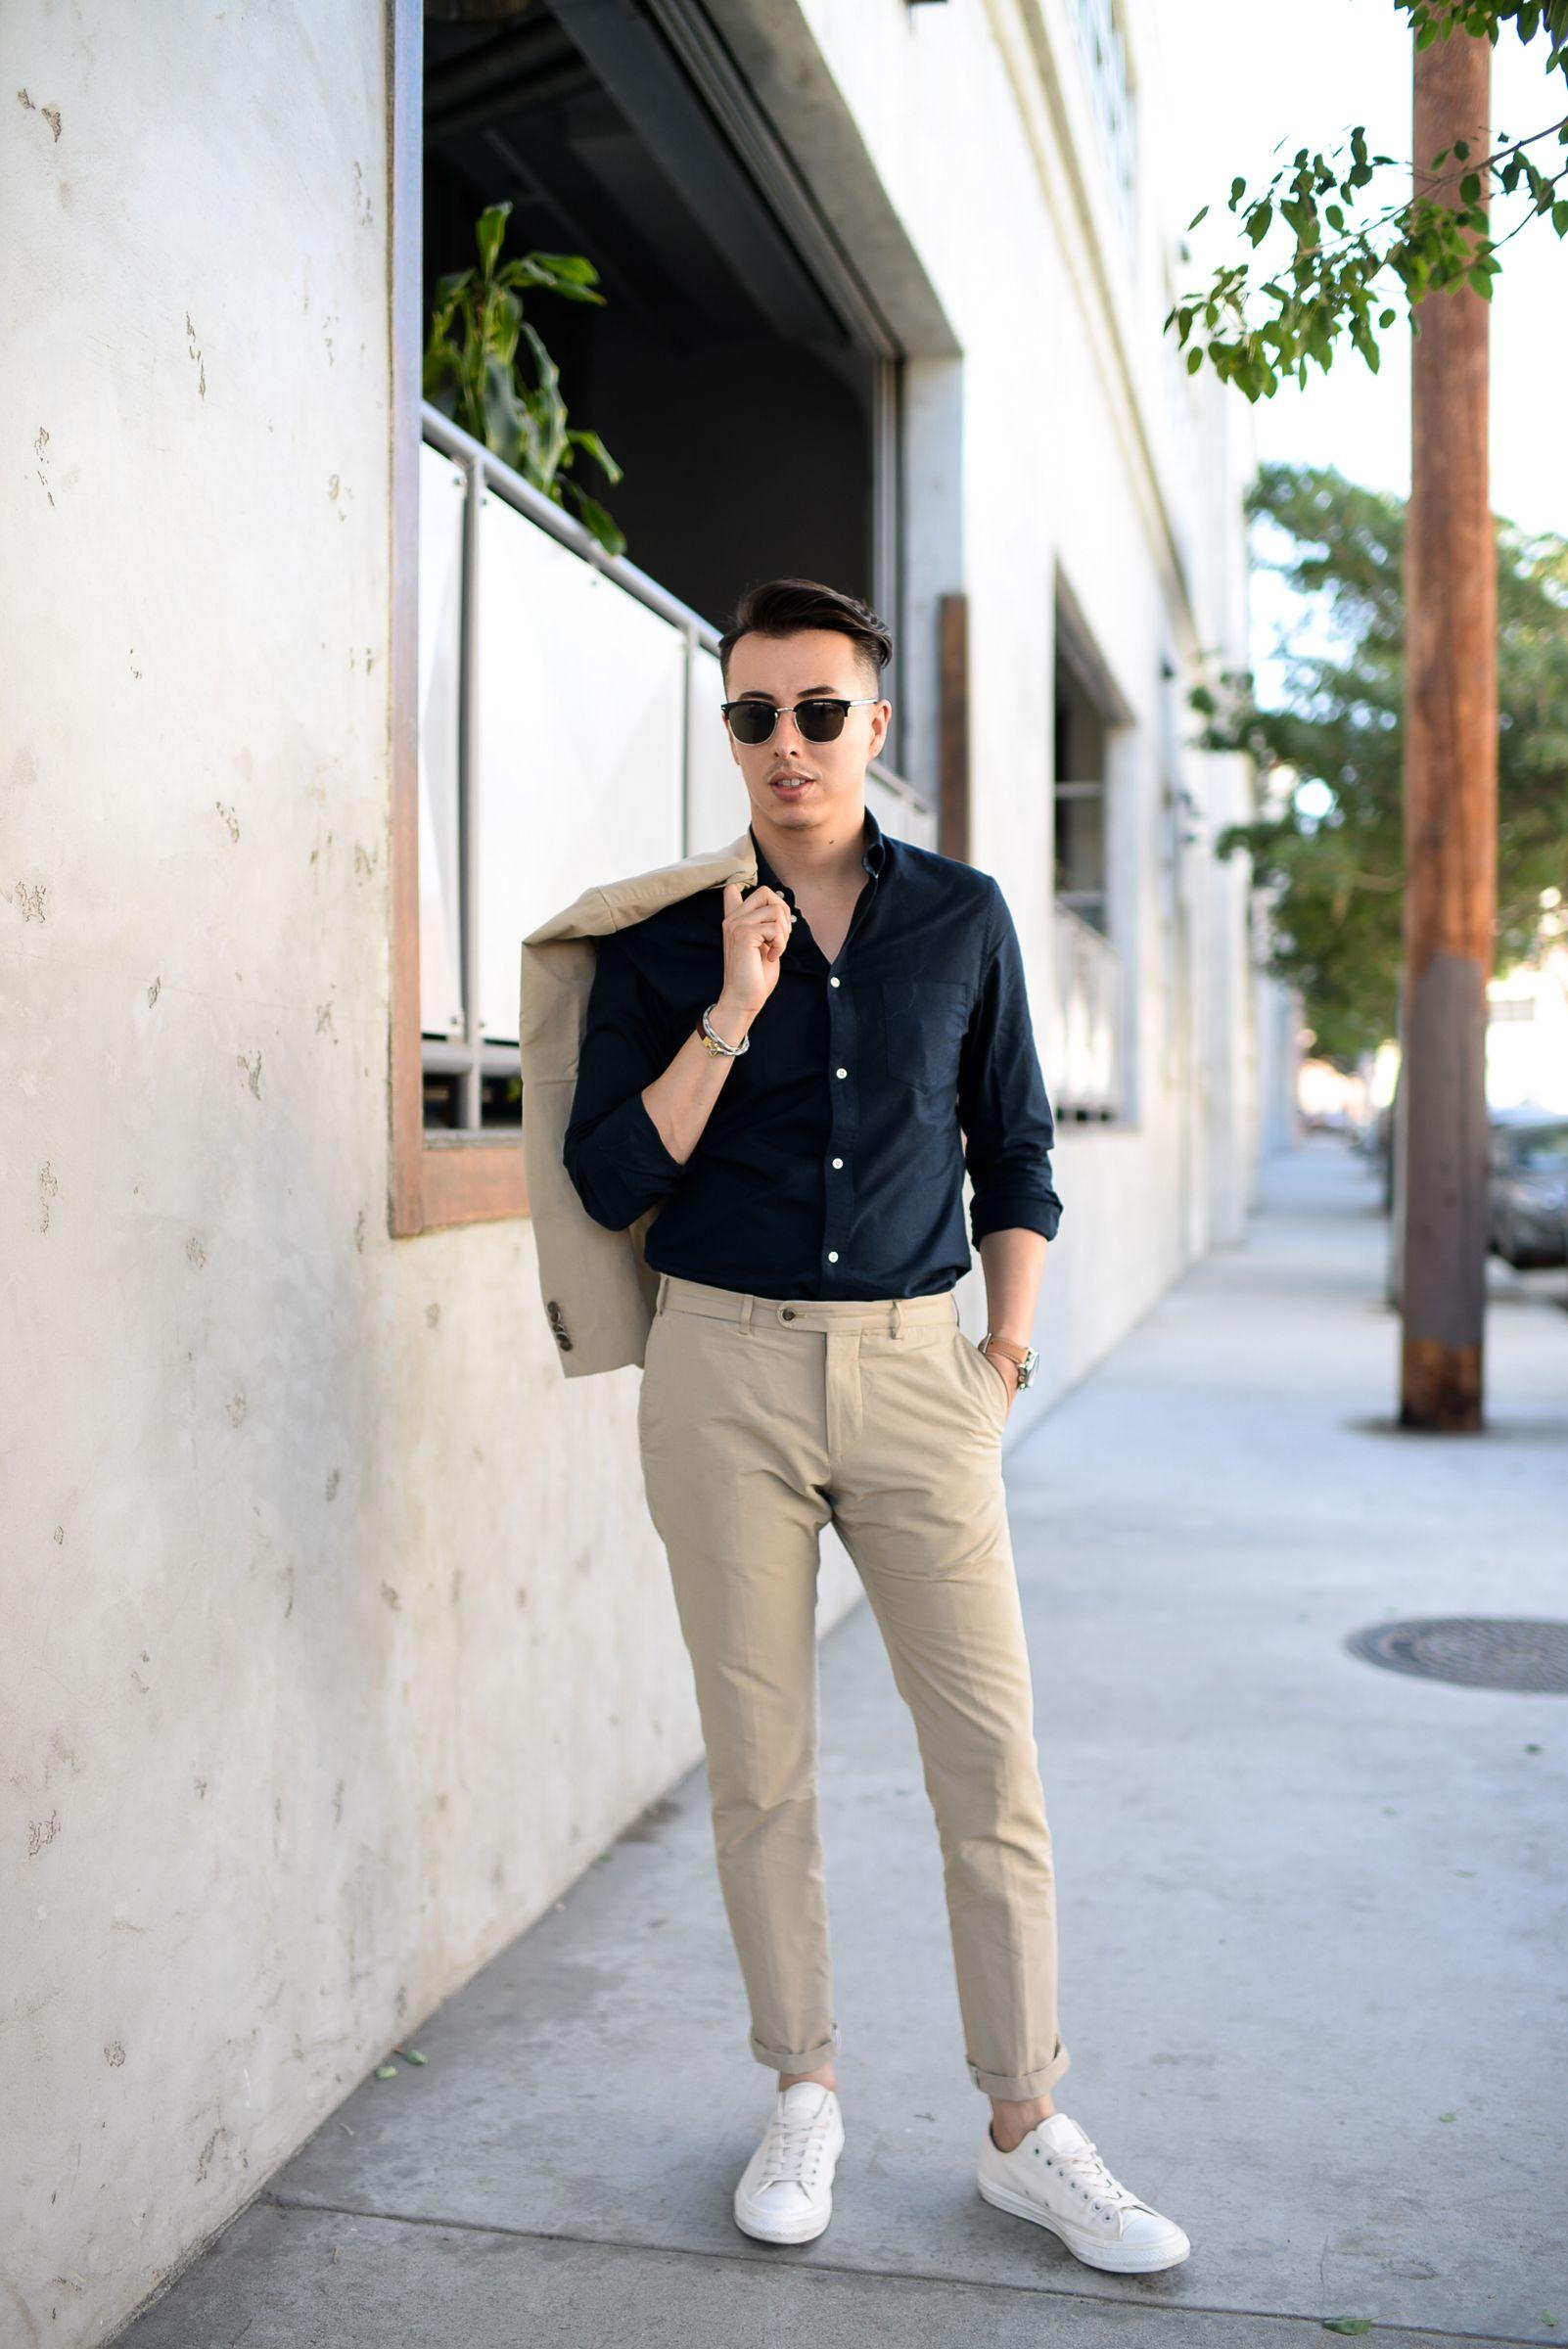 Khaki pants outfit men, Mens outfits